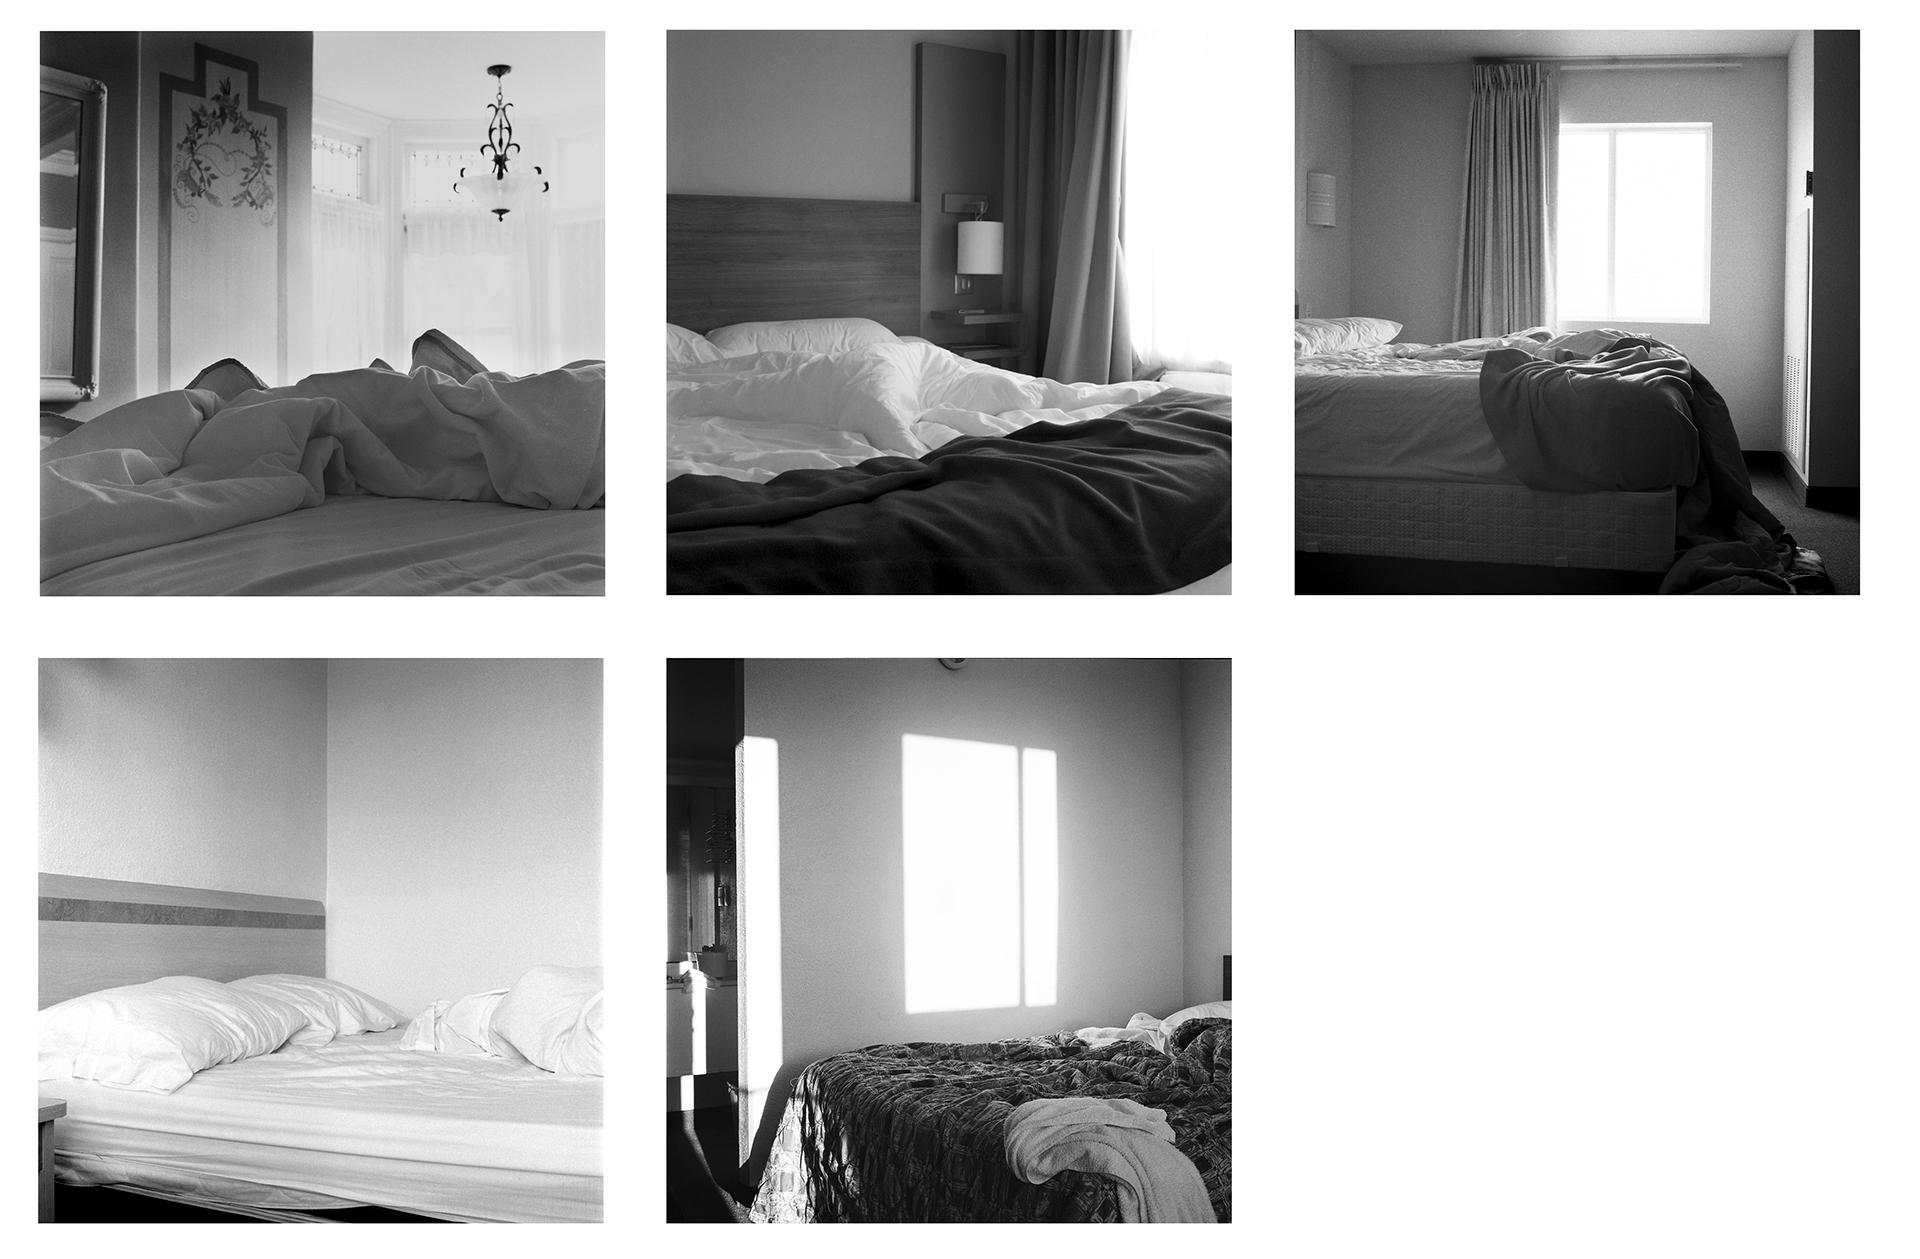 31_Beds 17 copy.jpg